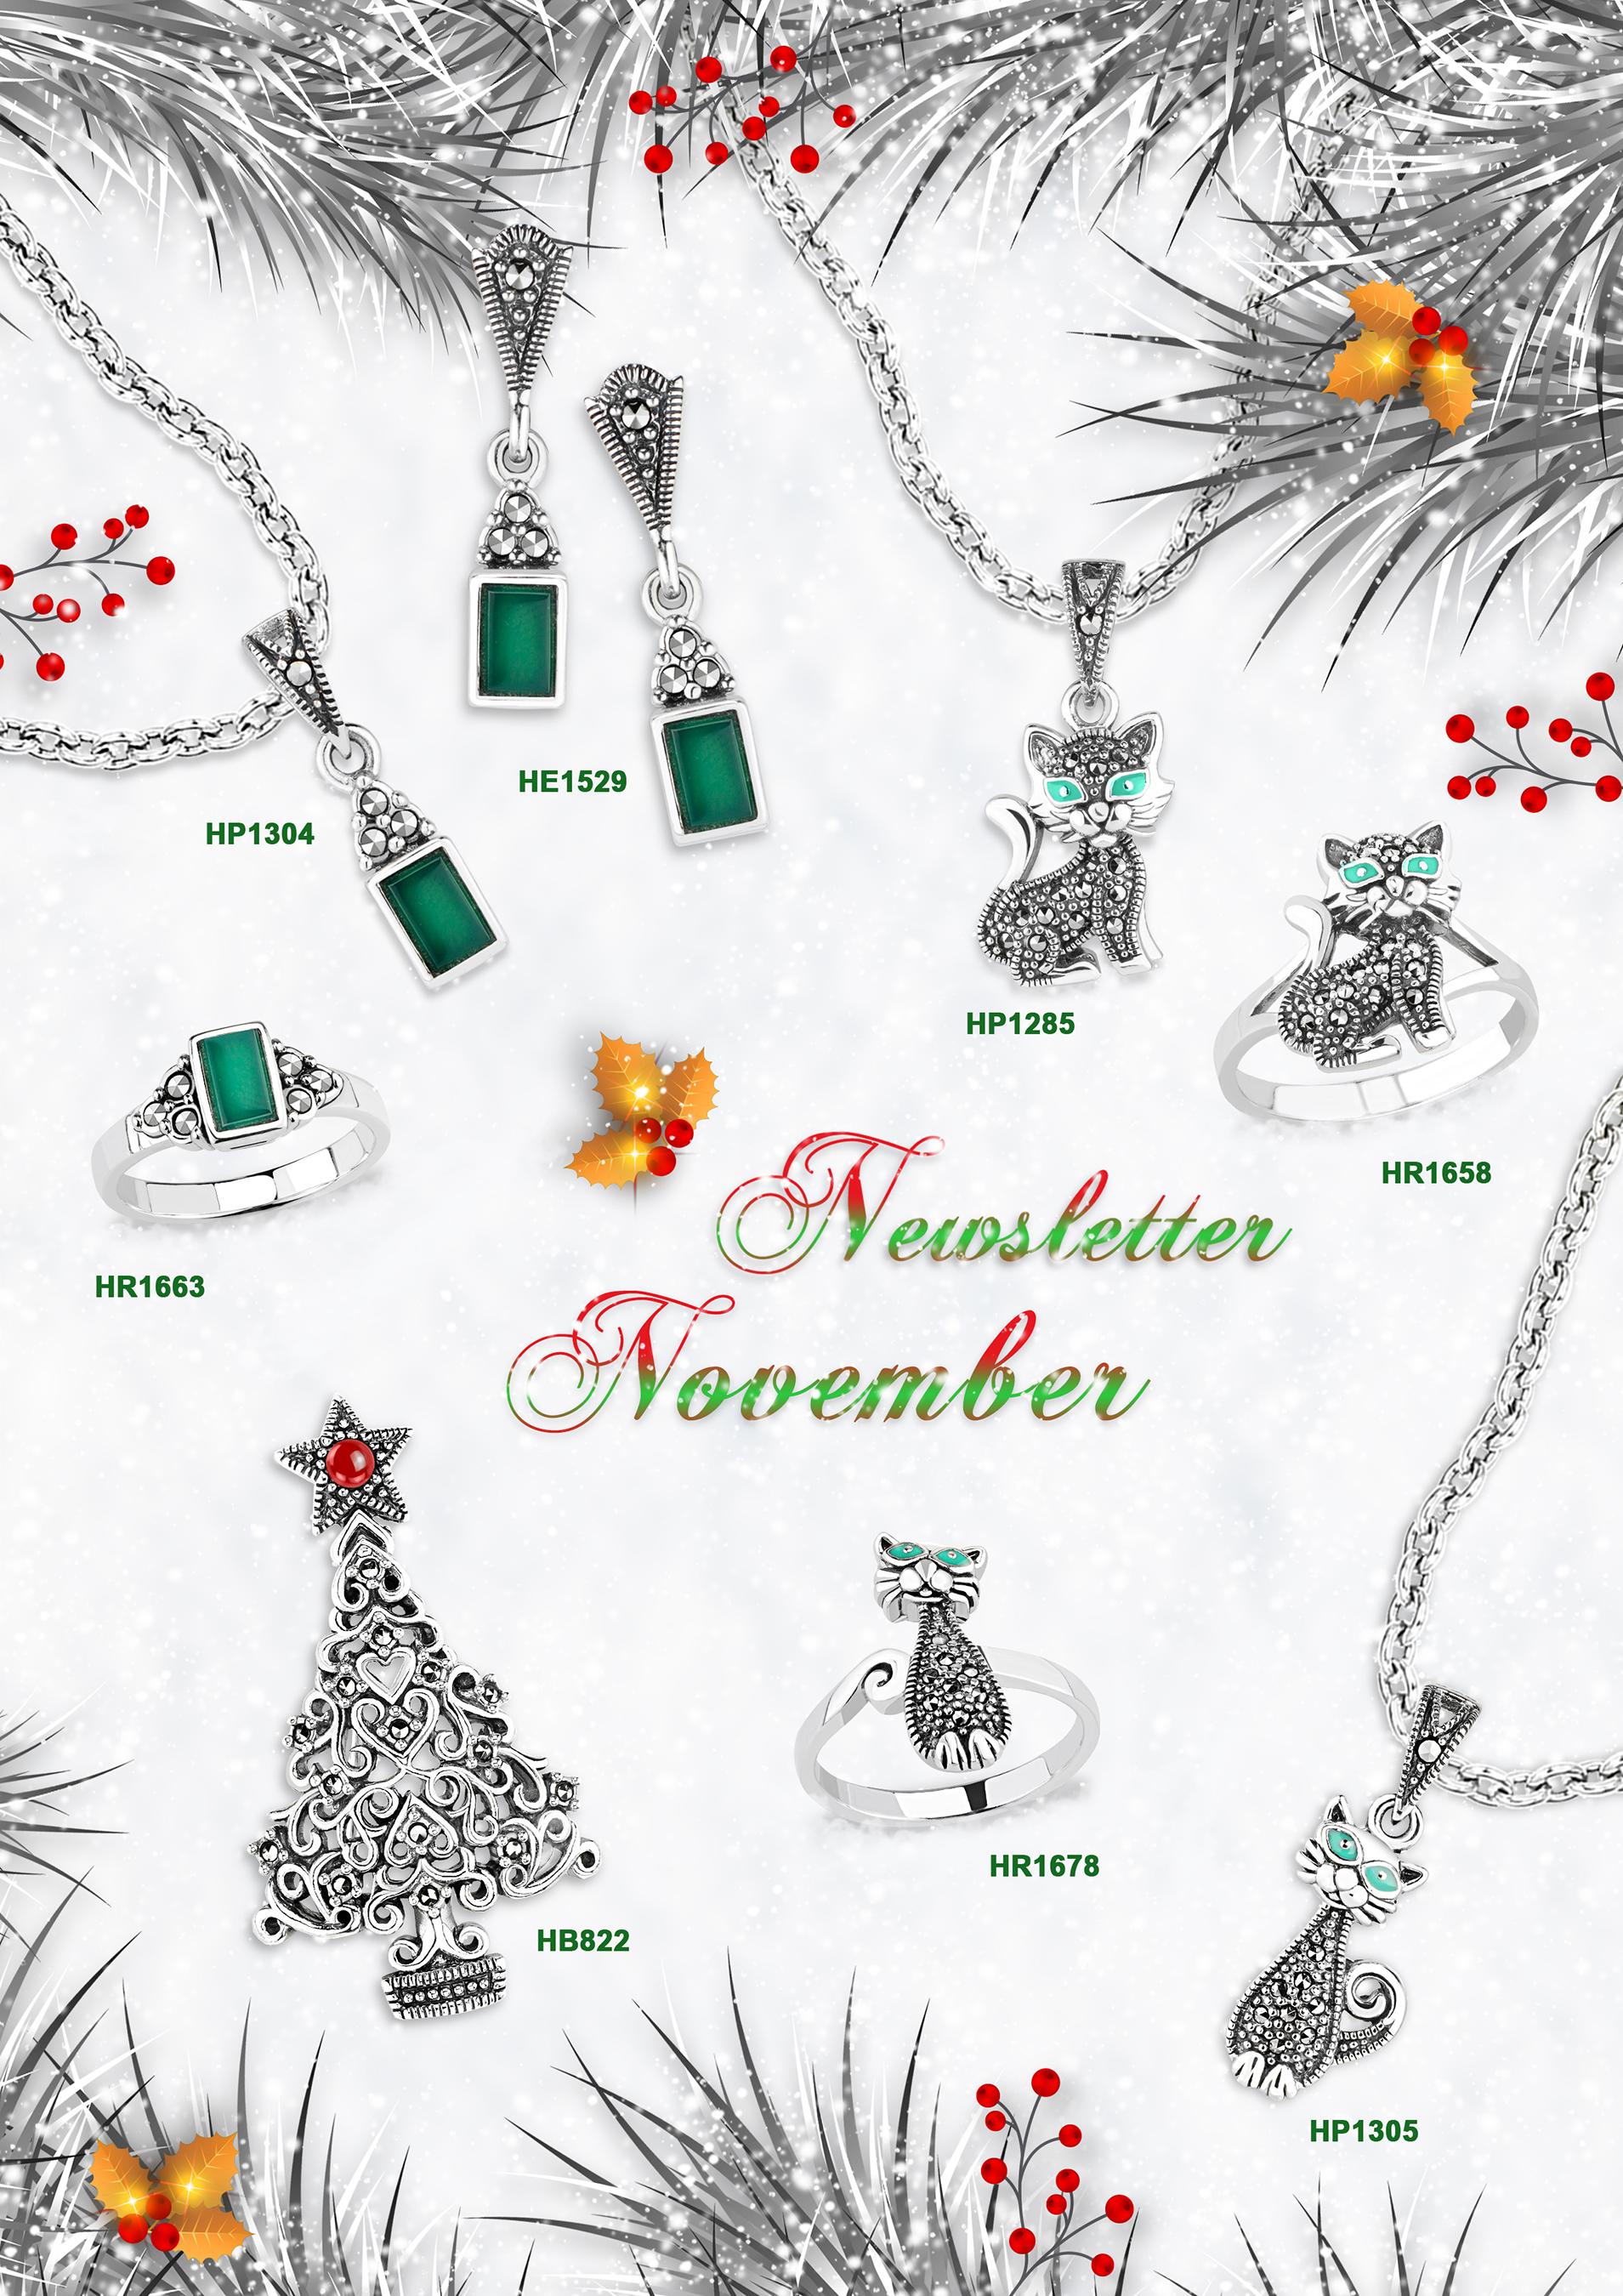 001 Newsletter November